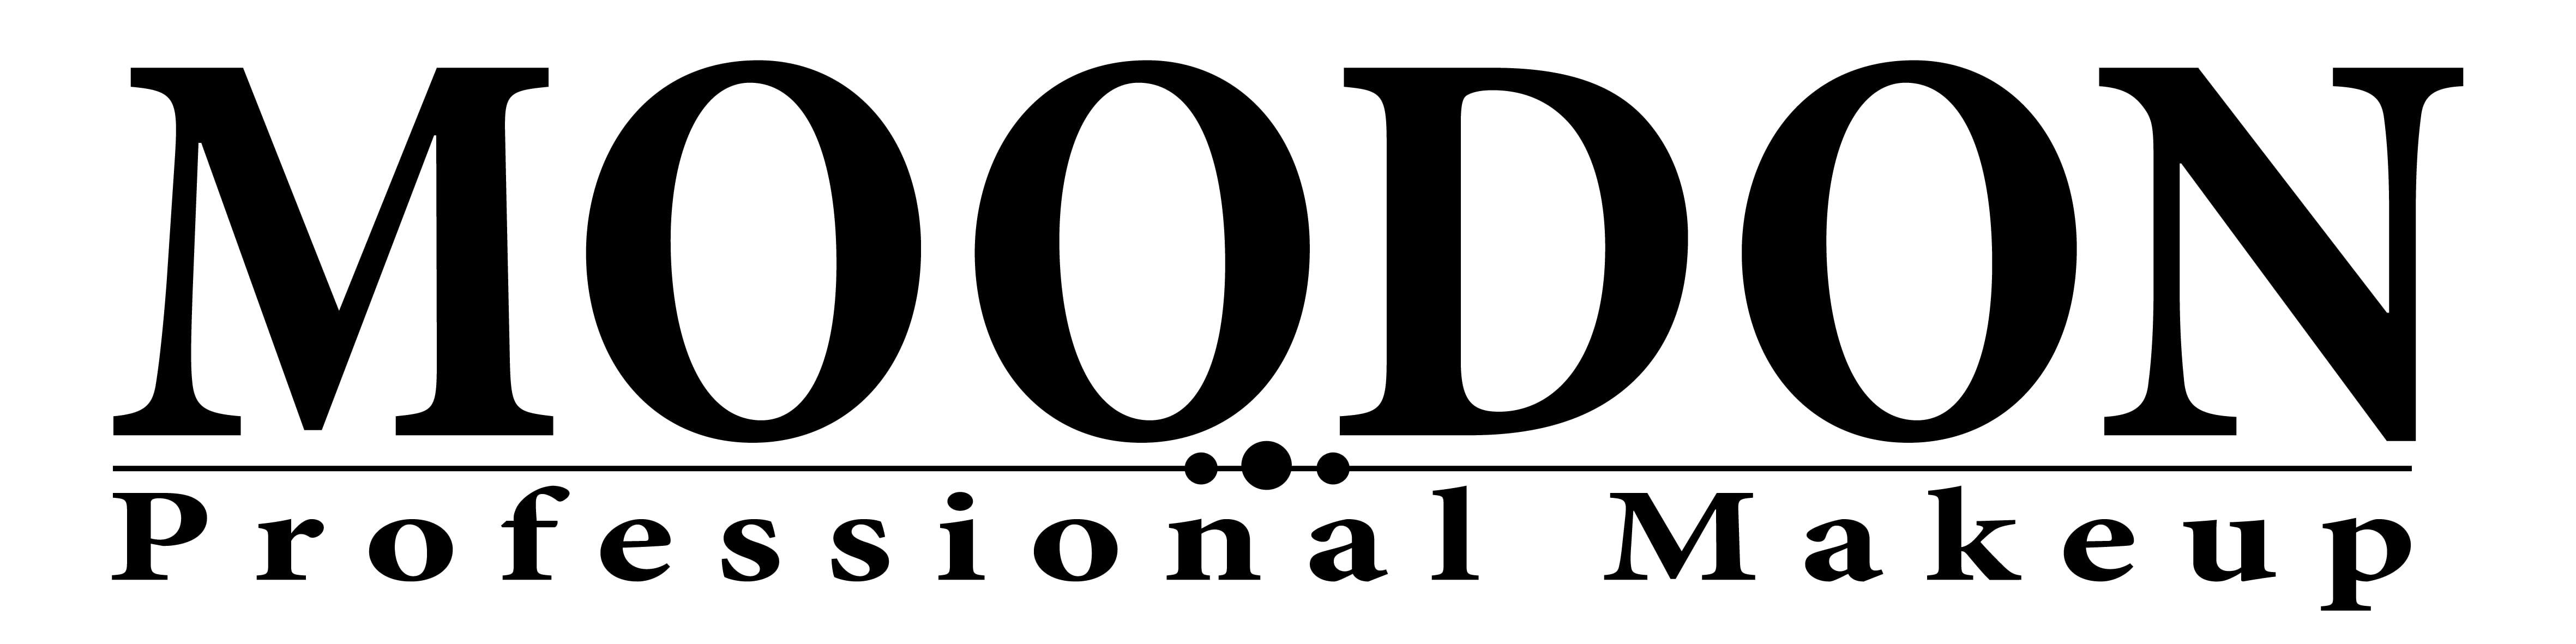 Moodon | קורס איפור | מוצרי טיפוח